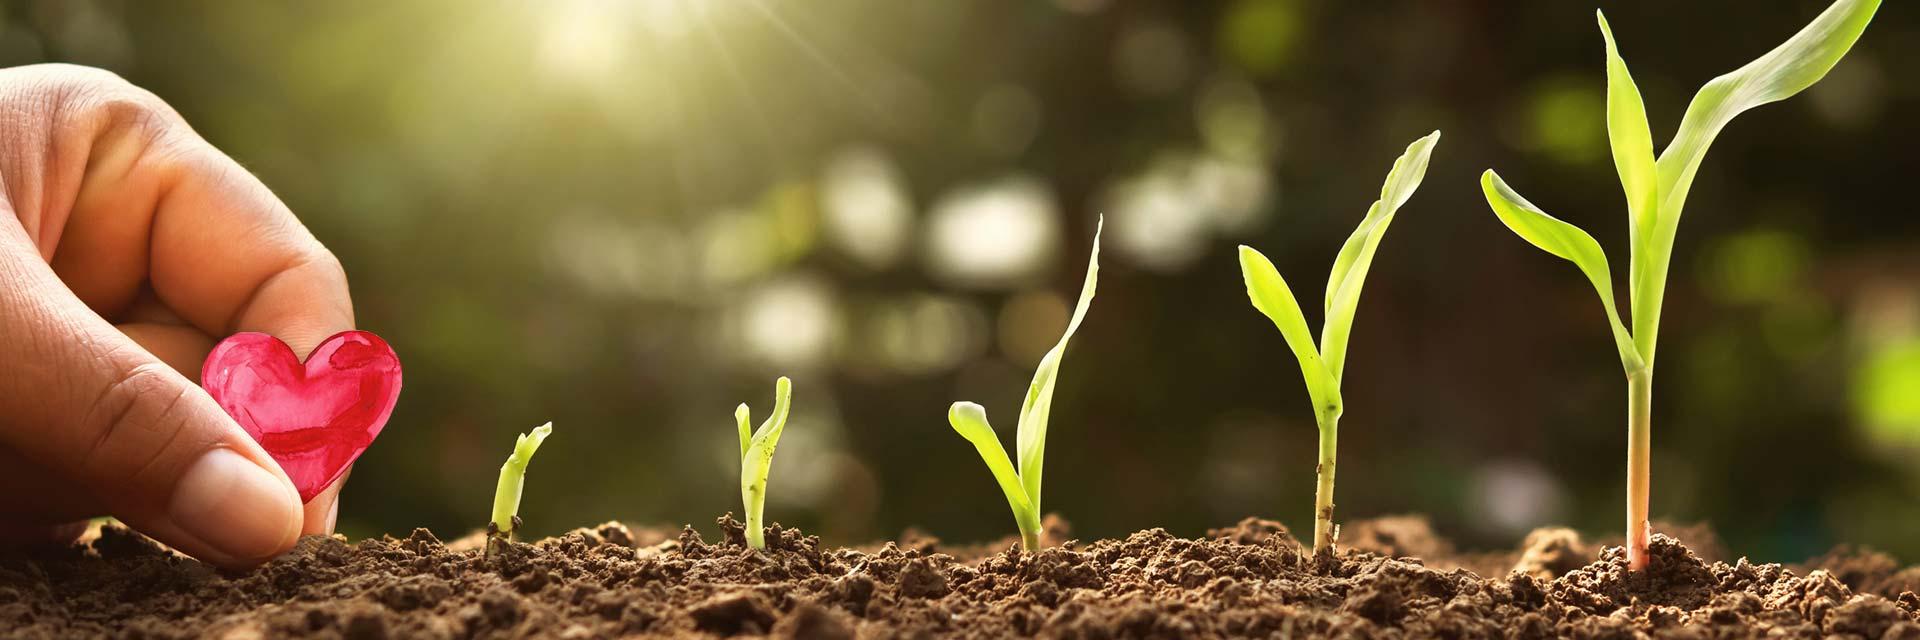 Process Passion för Utveckling som skapar lönsamhet och tillväxt illustrerad av ett hjärta som planteras och små plantor som gror